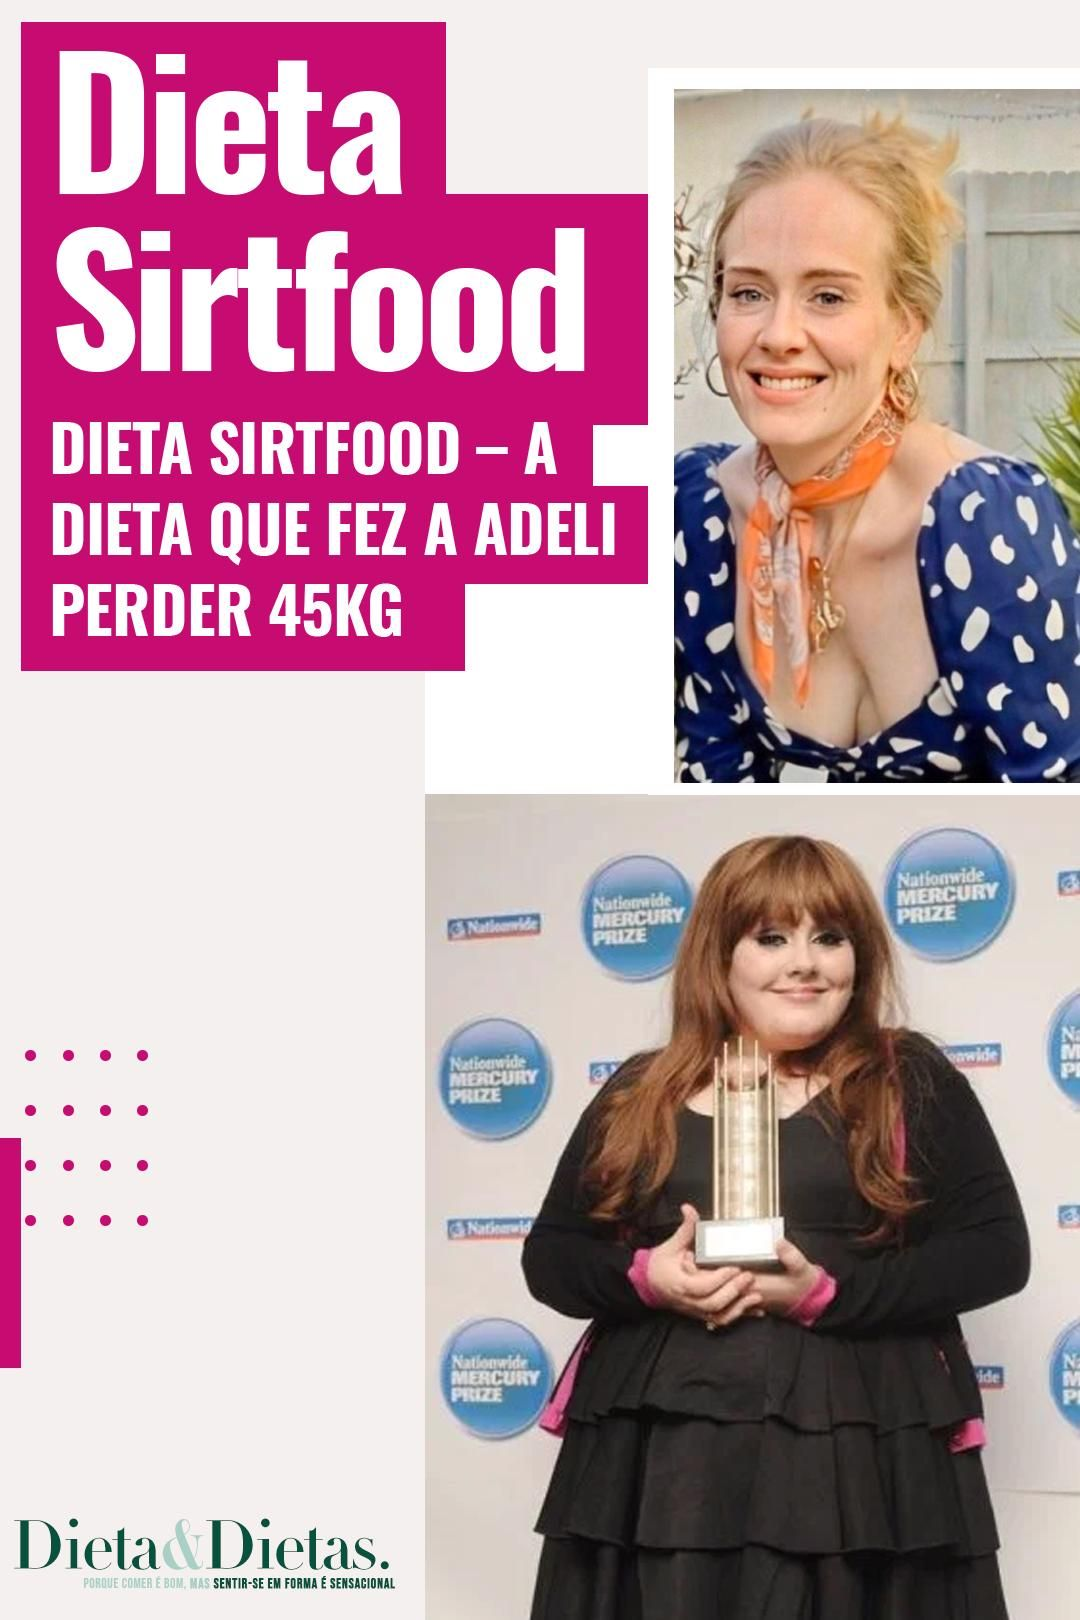 Veja como a cantora adele perdeu 45kg com a Dieta Sirtfood  #dieta #Sirtfood #DietaSirtfood #fitness